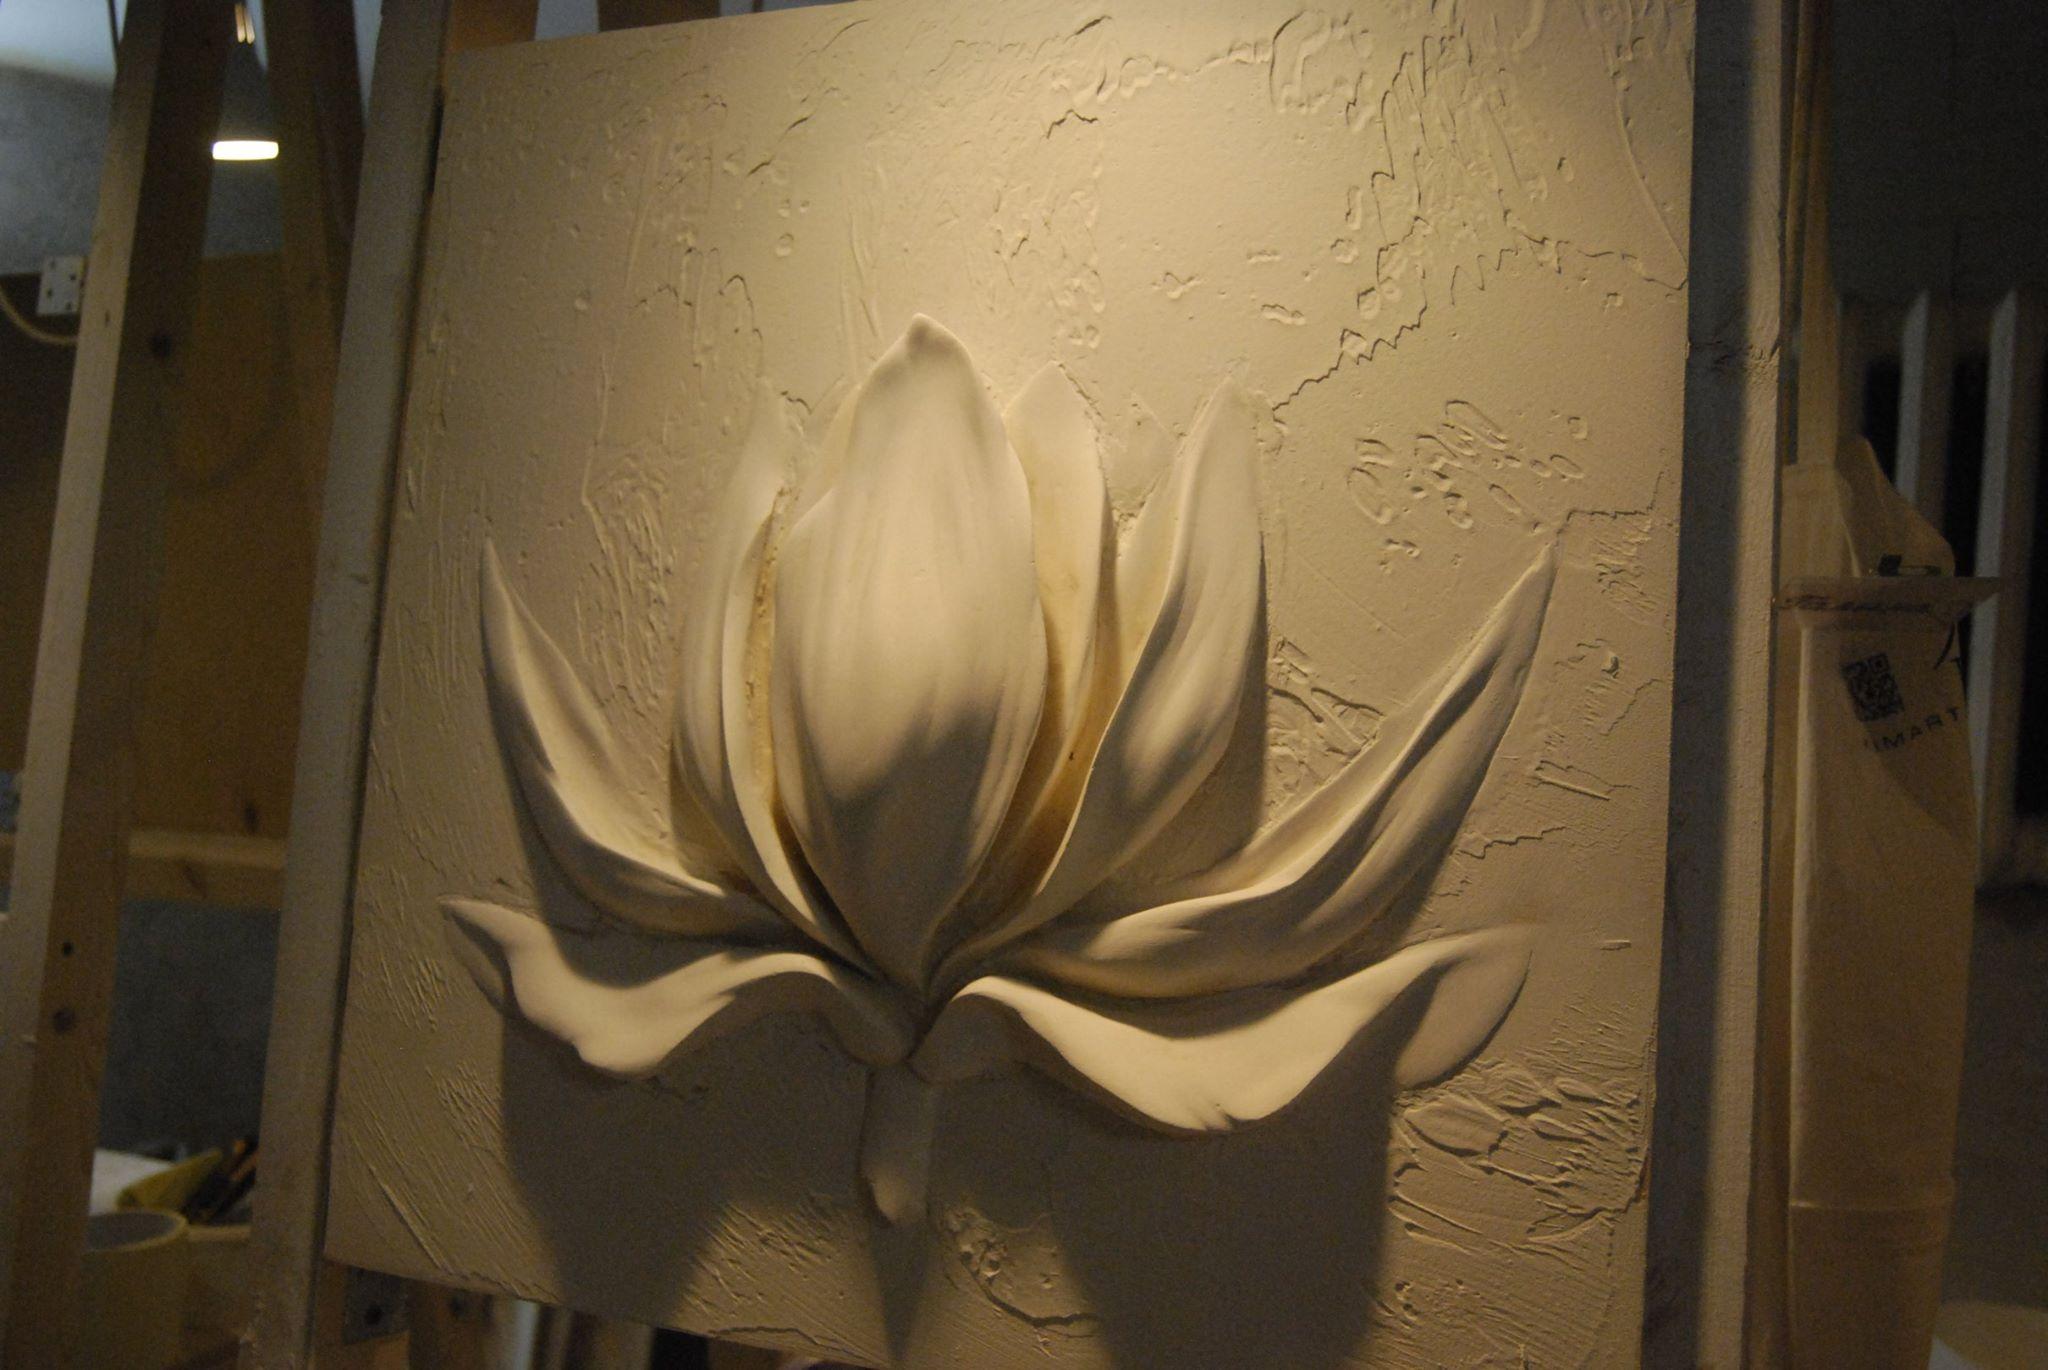 Гипсовые цветы на стенах в квартире и процесс изготовления